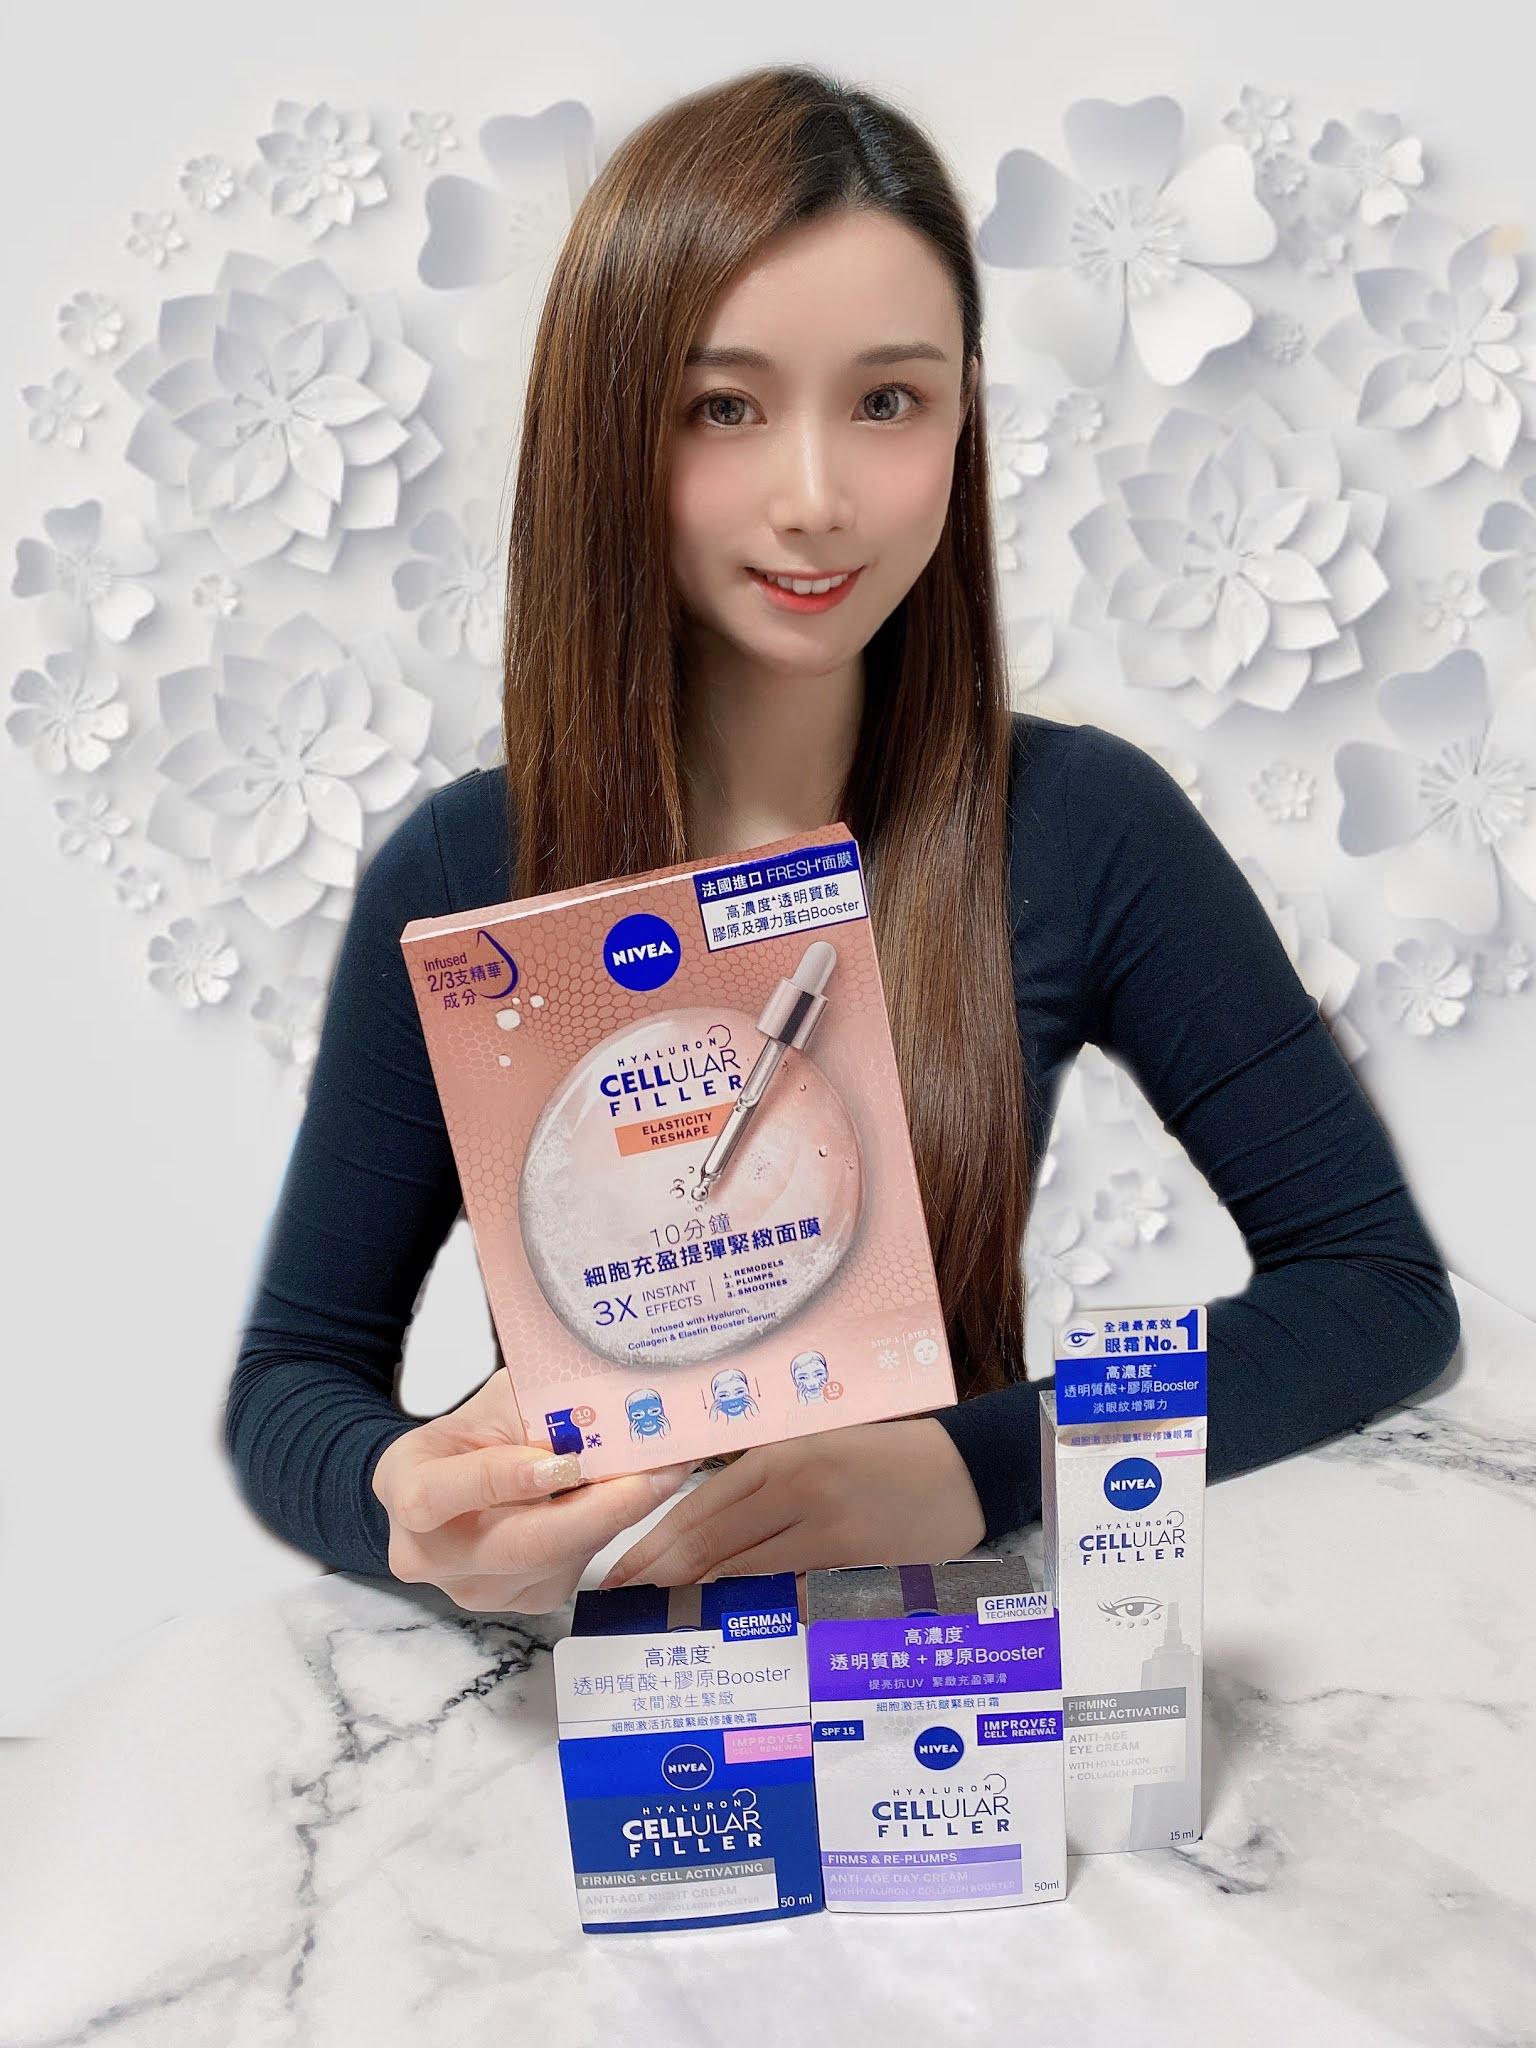 ◕◡◕3X升效冷凍抗皺面膜♥為新一年抗皺緊緻提升肌膚